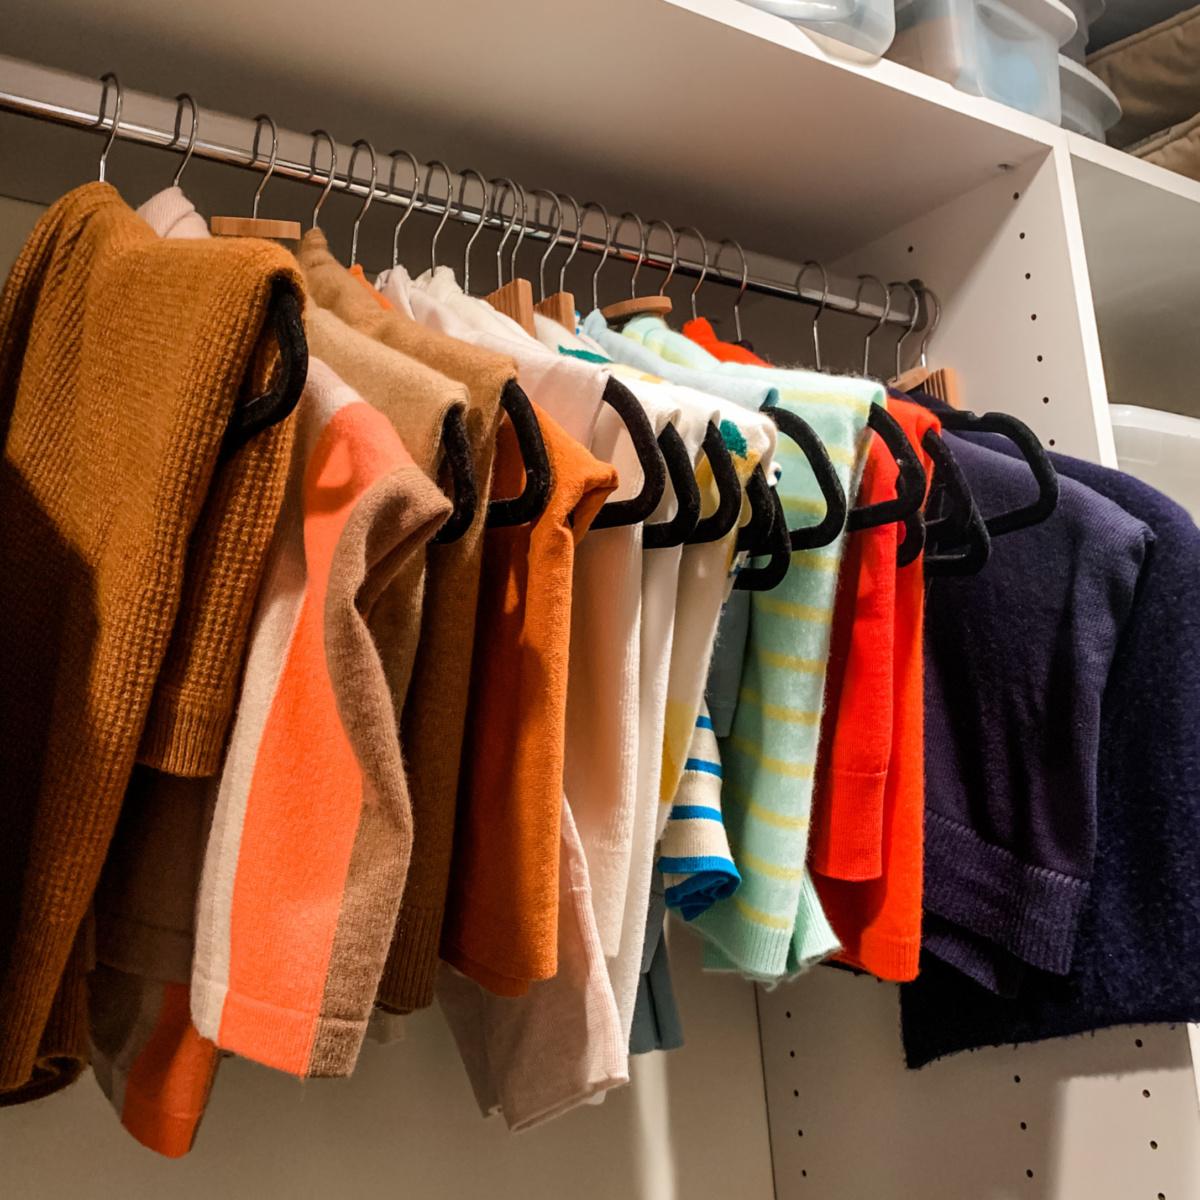 Closet organization: hanging sweaters. Details at une femme d'un certain age.